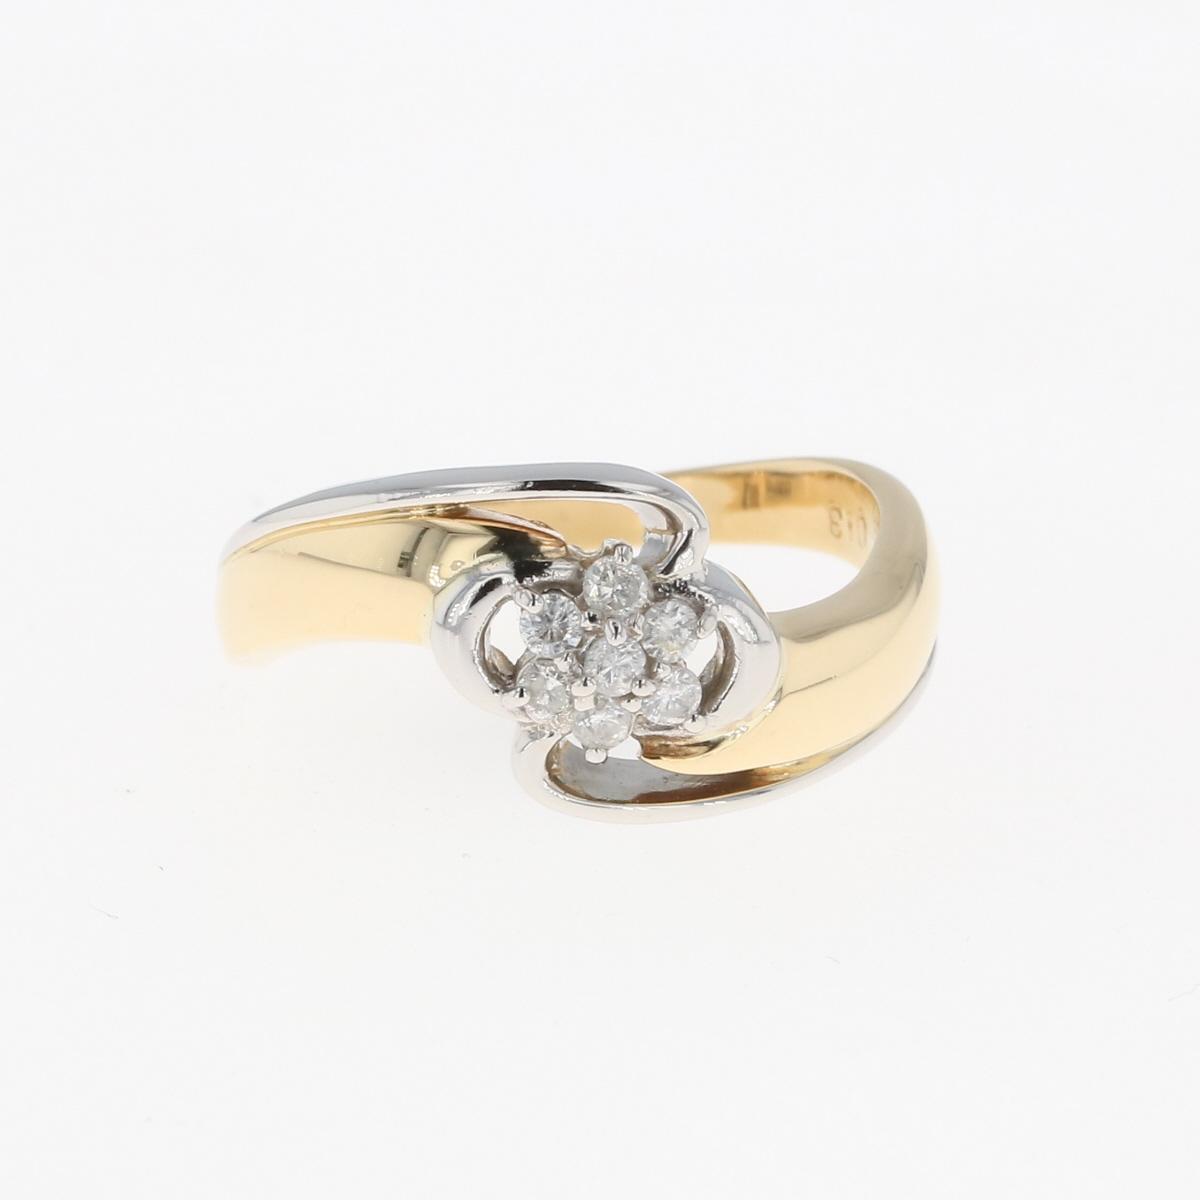 USED 送料無料 メレダイヤ デザインリング K18 イエローゴールド プラチナ 指輪 YG セール特価 10号 Pt850 中古 レディース 国産品 リング ダイヤモンド